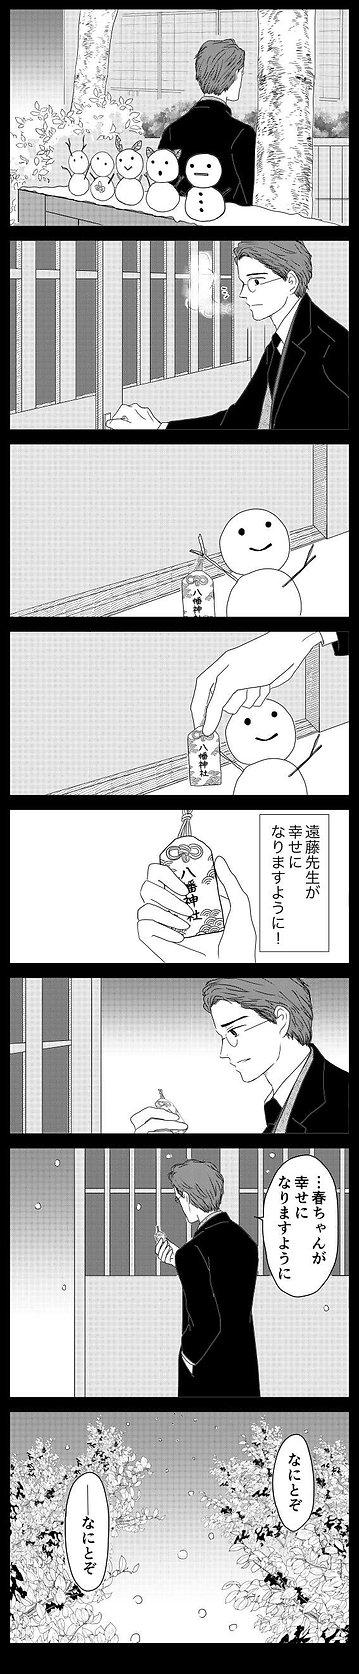 幸福について80.jpg